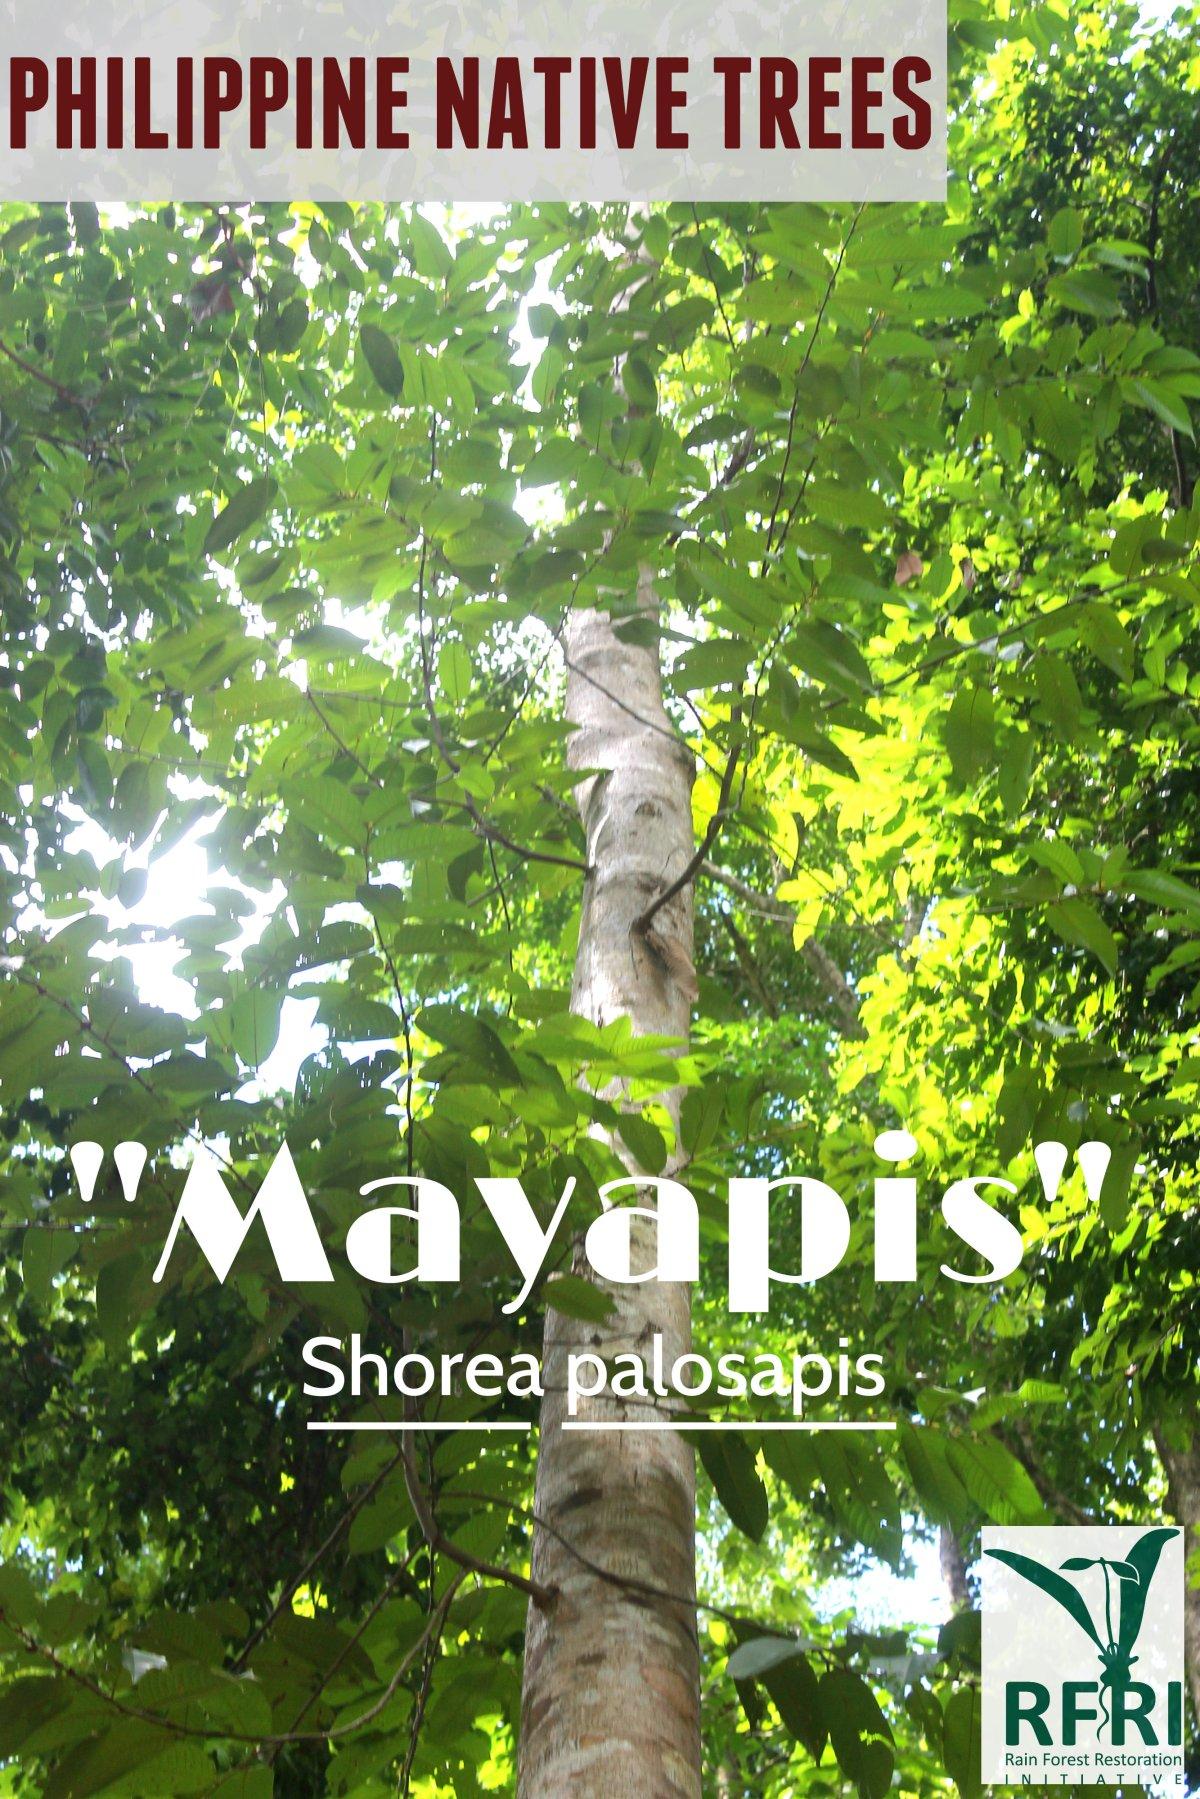 mayapis